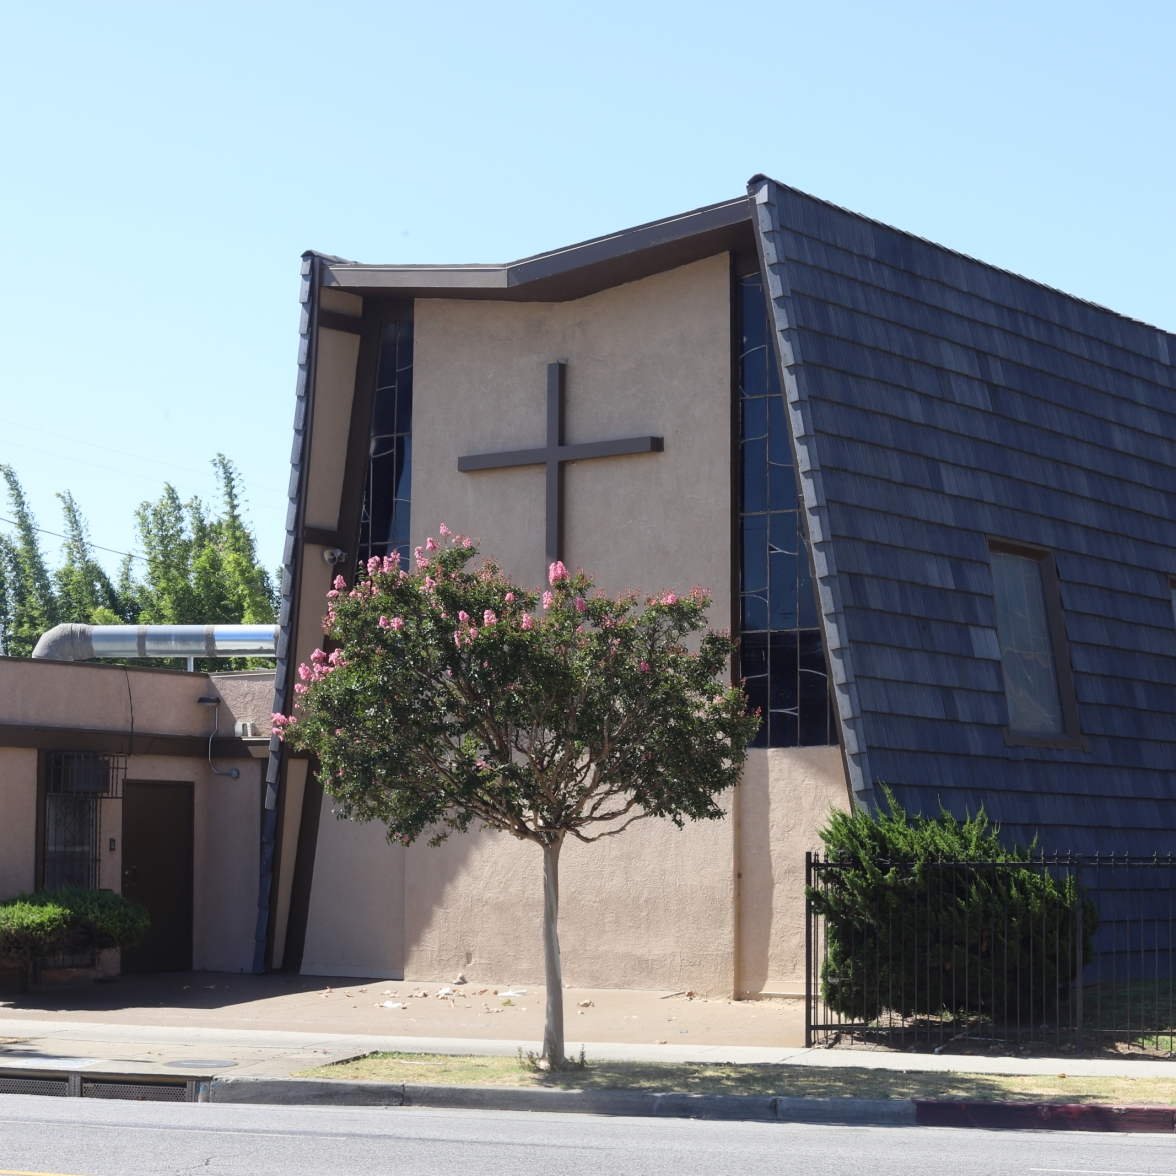 Church 3 -4394 W. Washington Blvd.